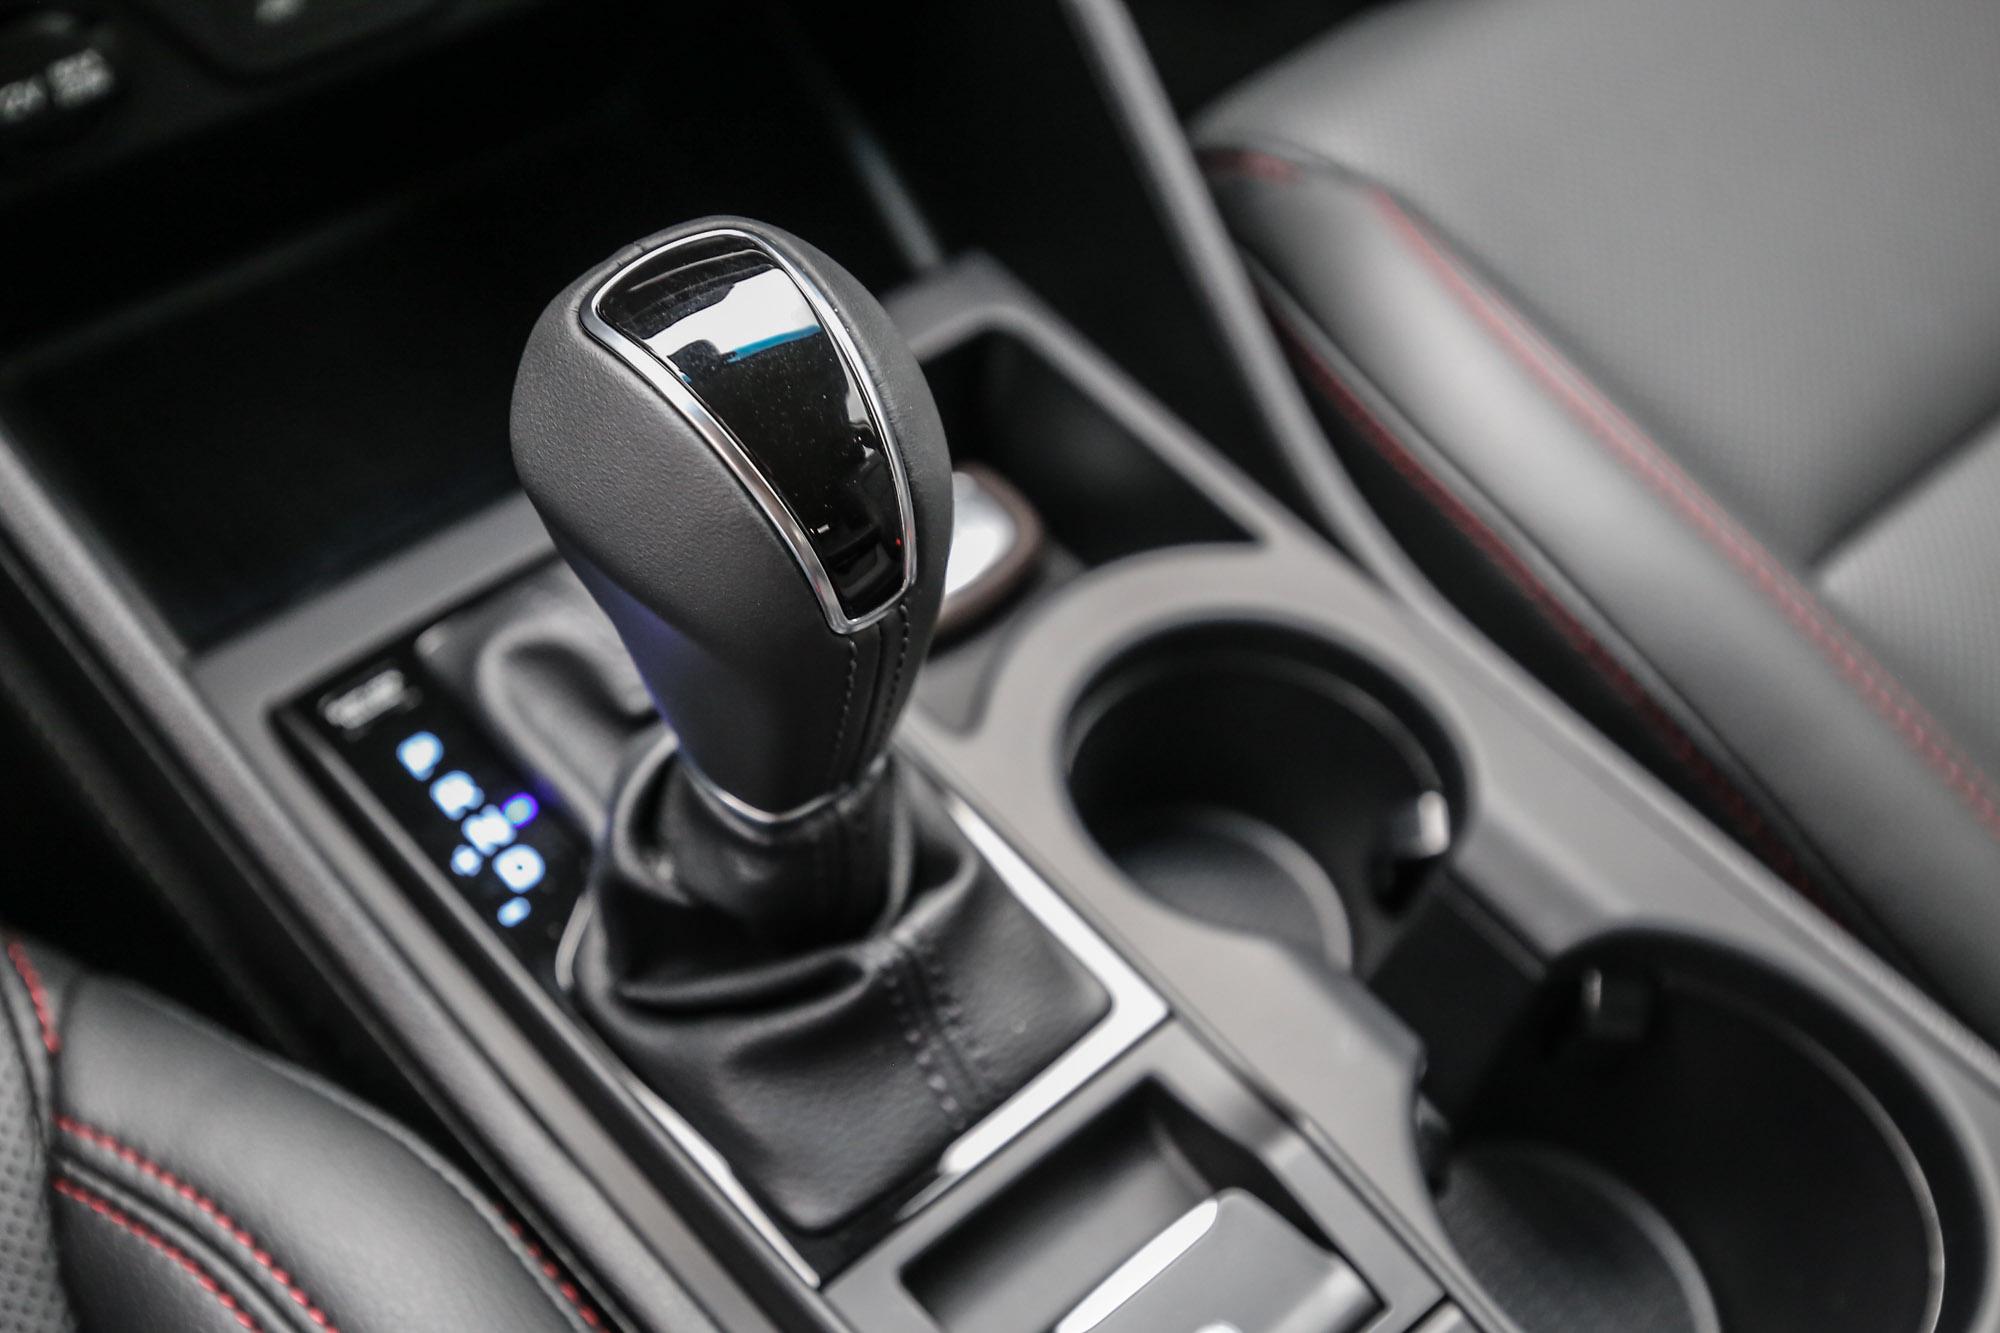 除了柴油車型是配備八速手自排變速箱以外,汽油車型都是搭配七速雙離合器自手排變速箱。